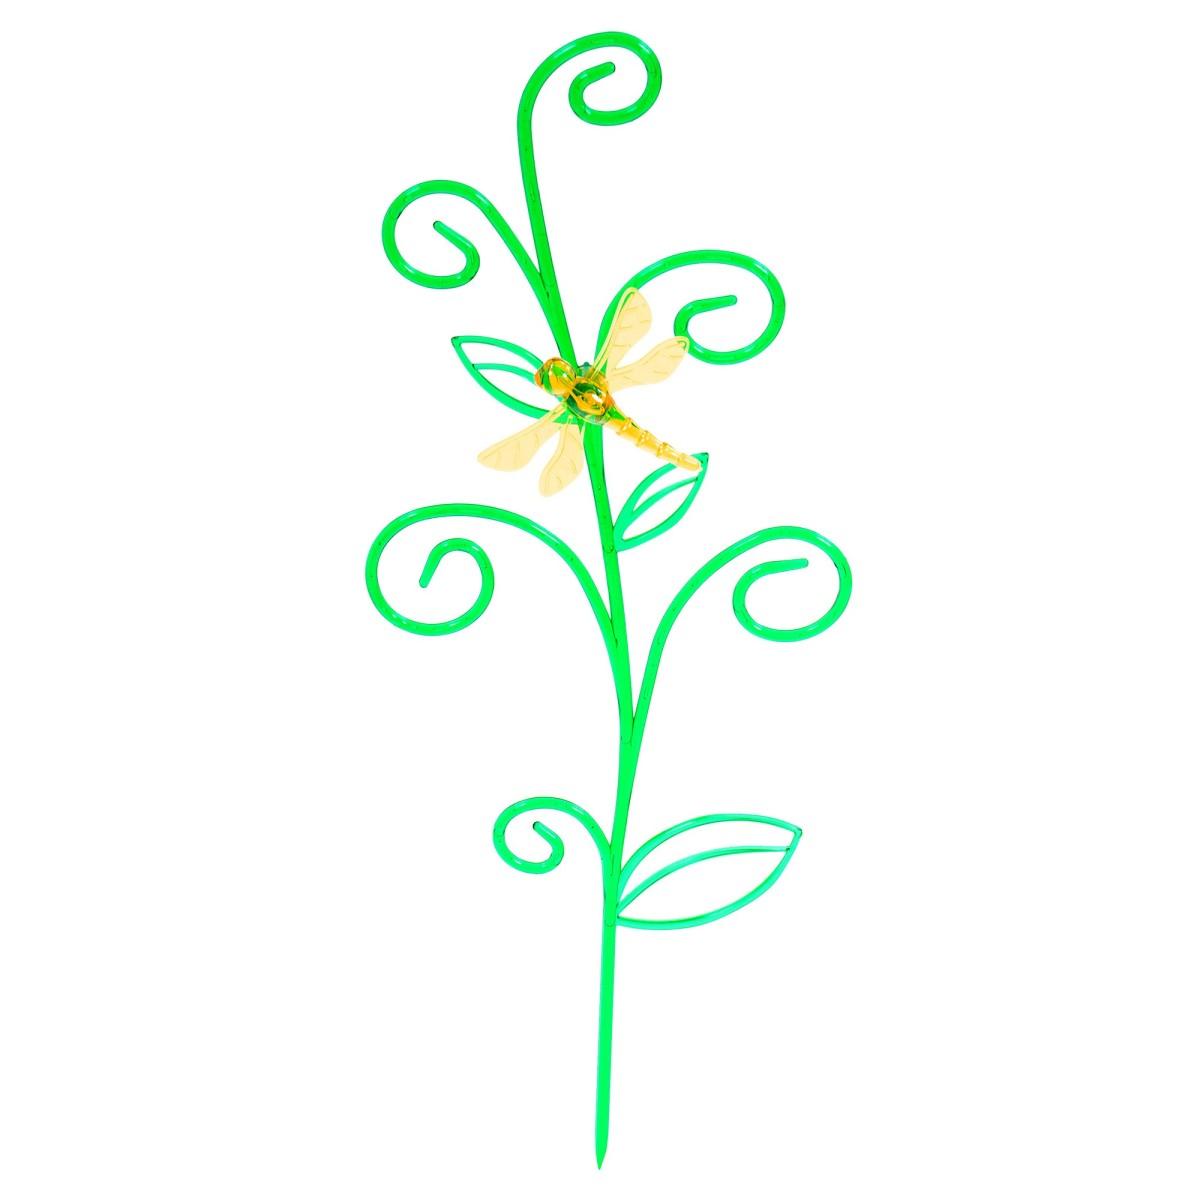 Держатель для комнатных растений «Стрекоза на ветке» цвет зеленый